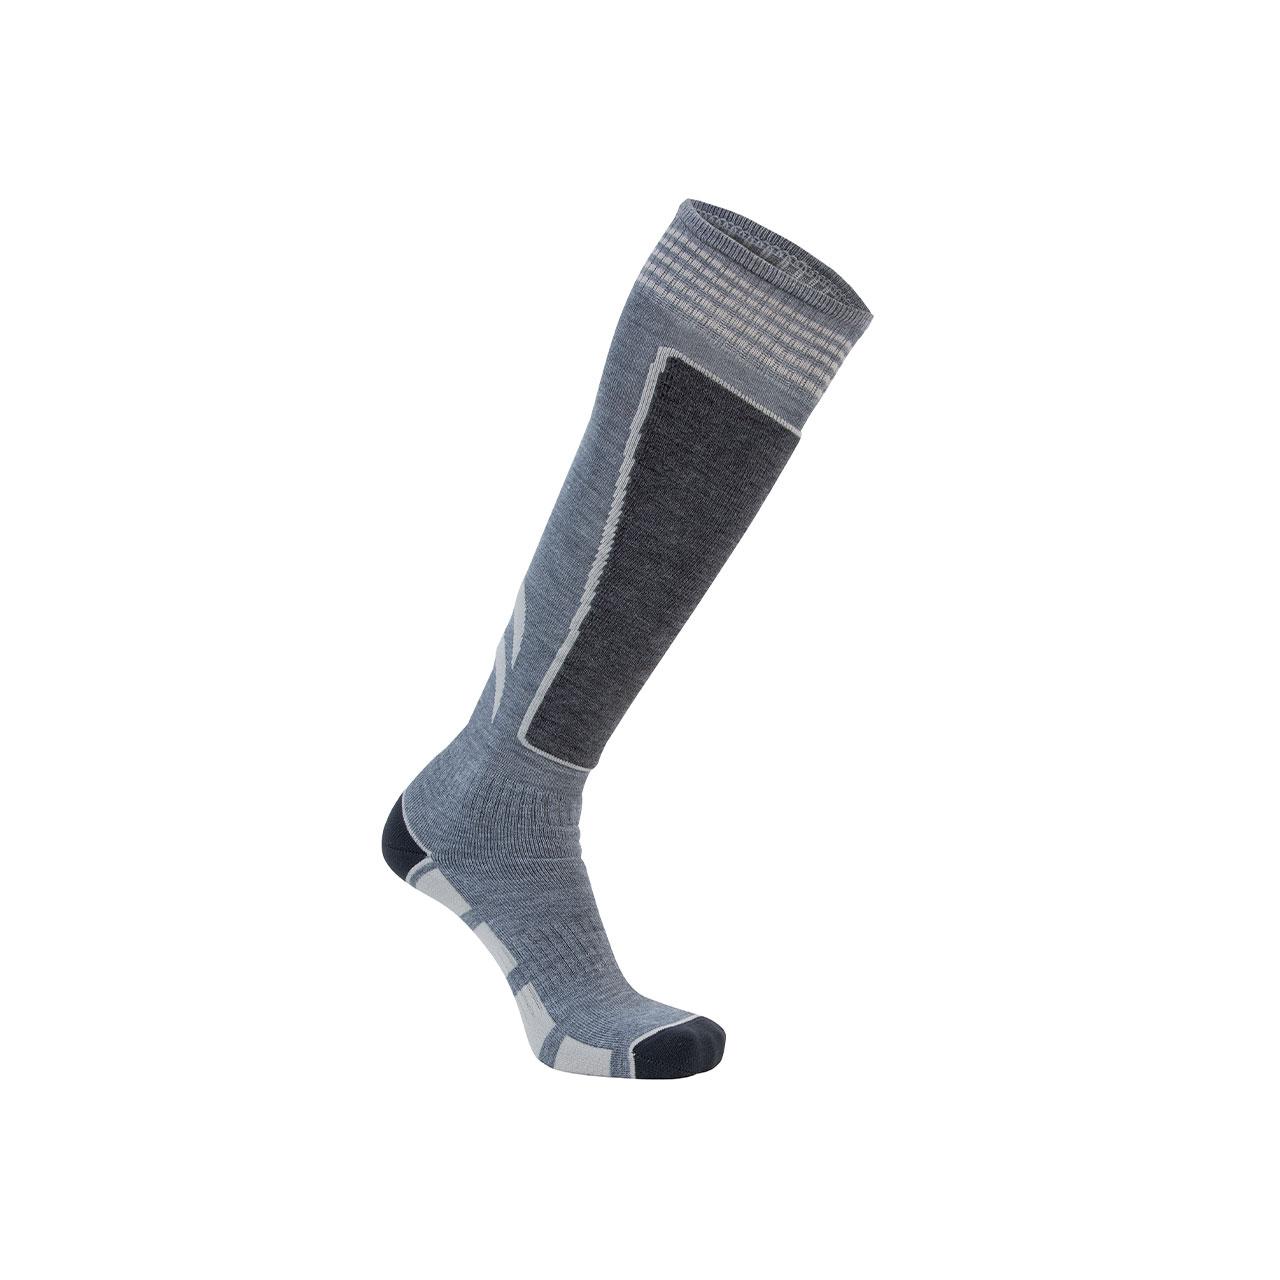 calza lunga da lavoro upower modello polar colore grey